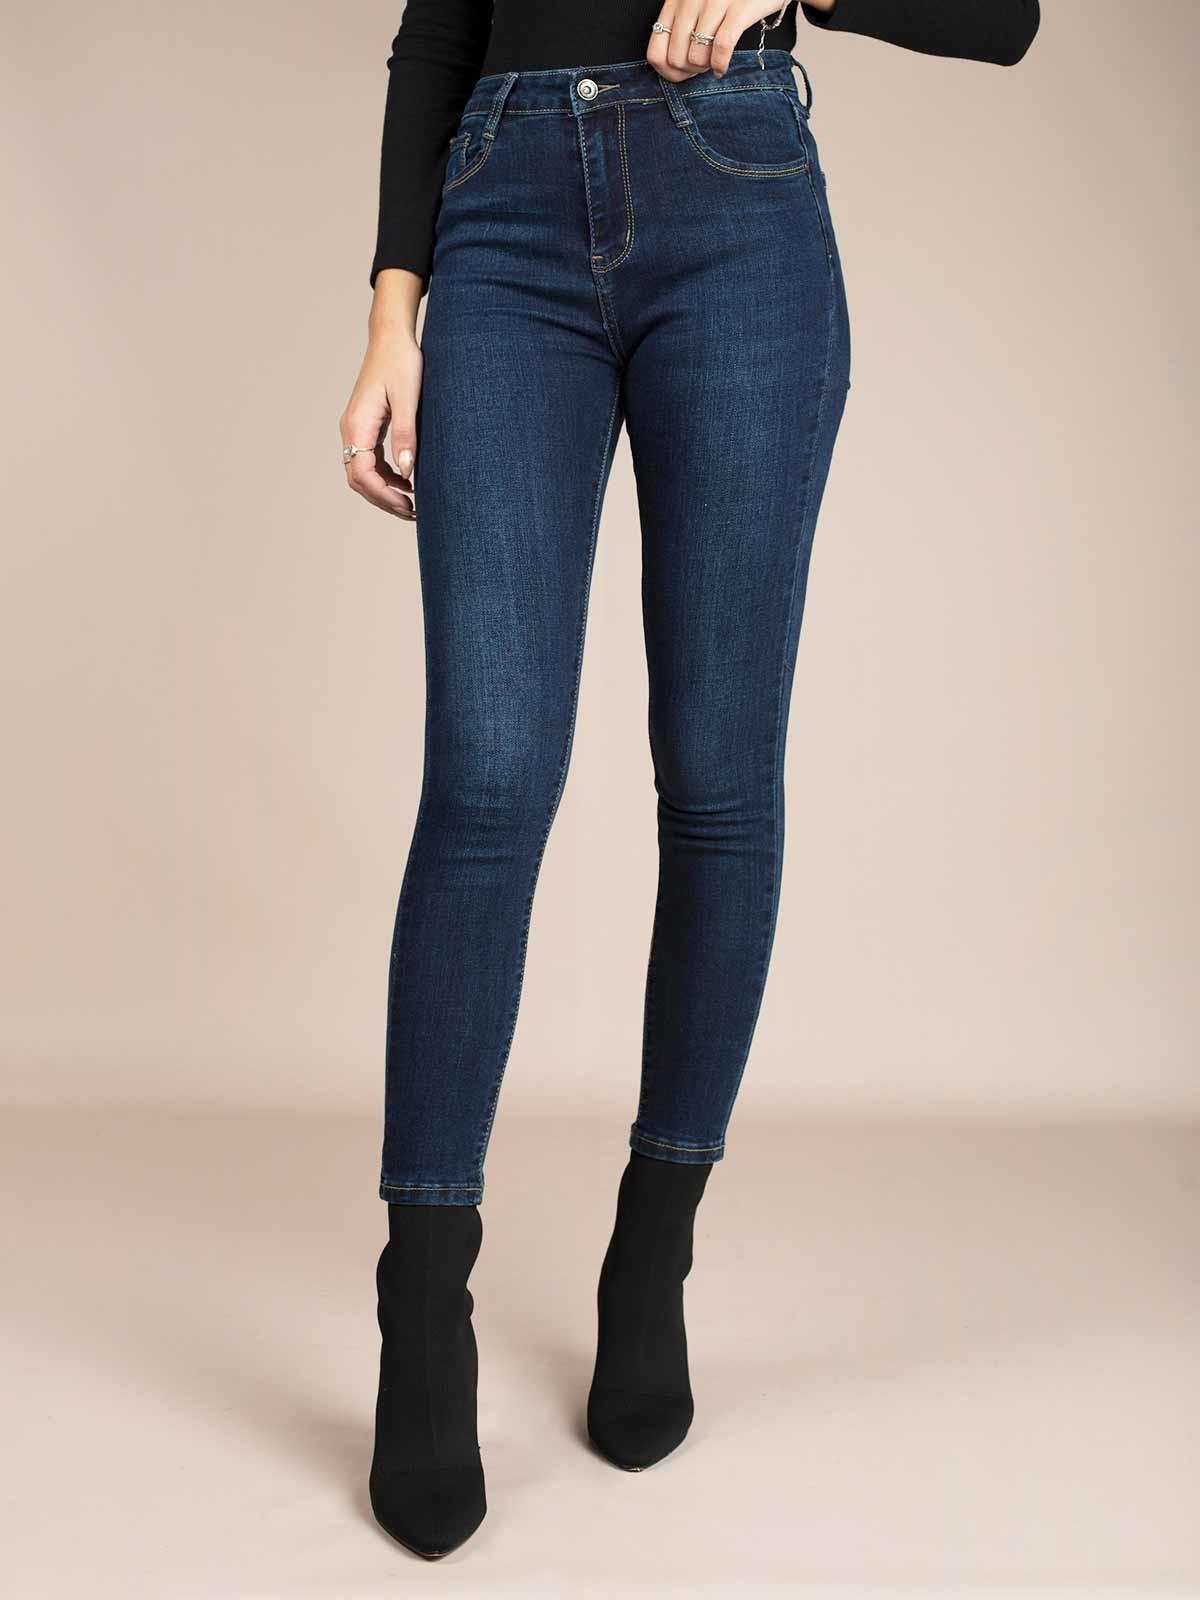 Calças ganga skinny jeans azul escuro